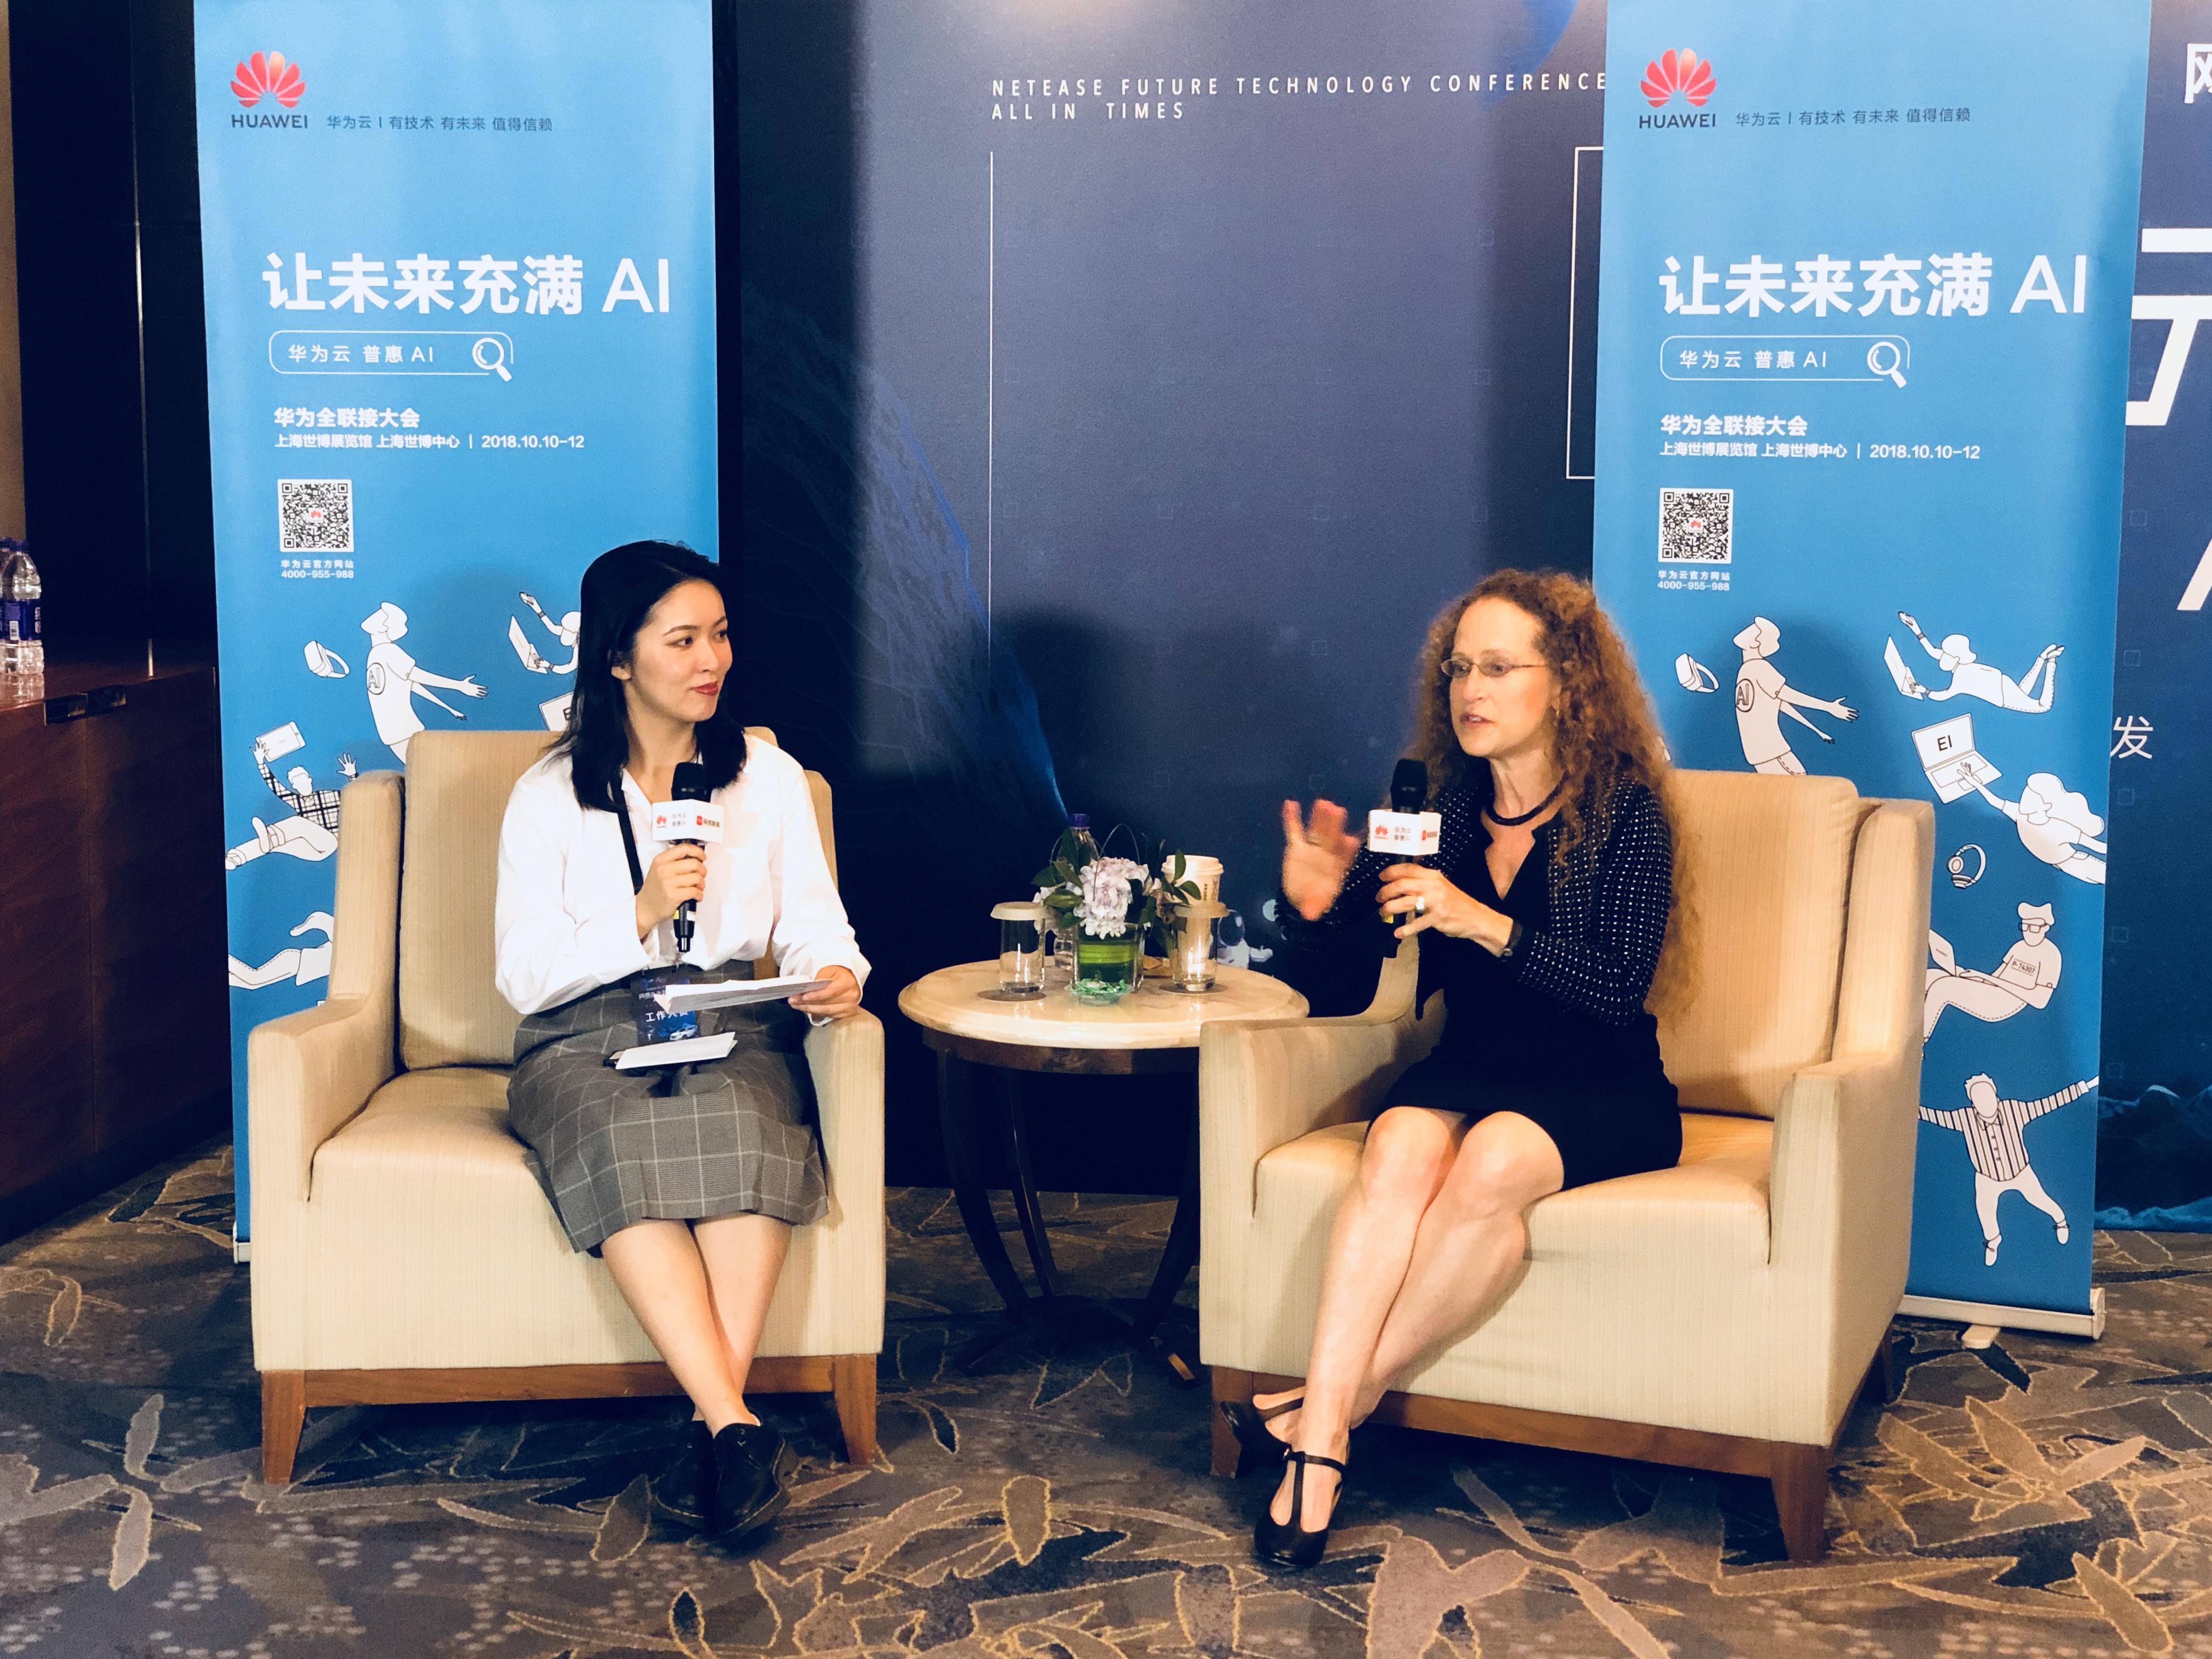 专访贾斯汀·卡塞尔:让AI普惠化,是重要的目标